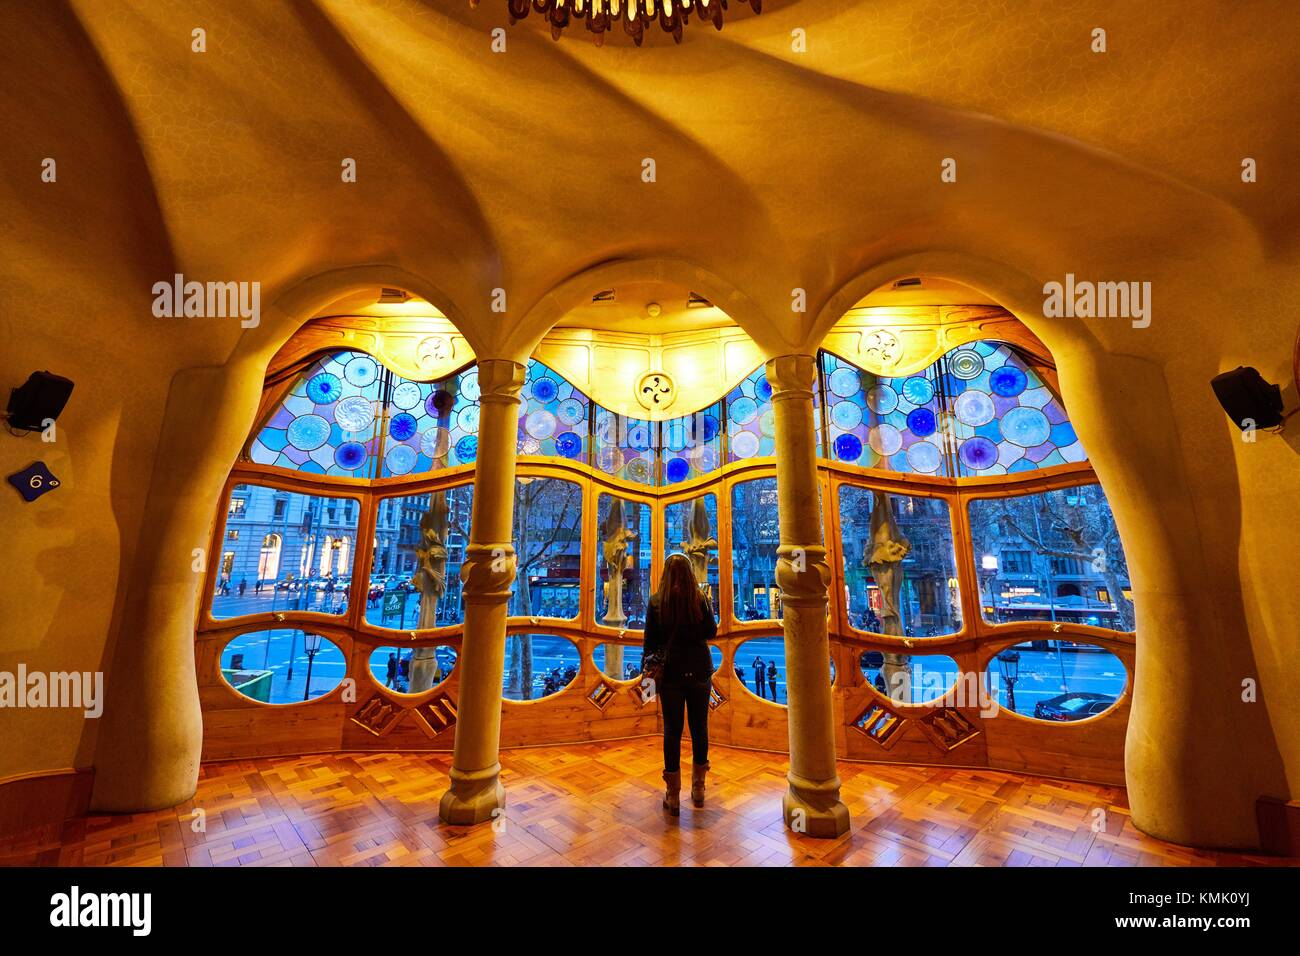 La Casa Batlló de Antoni Gaudí arquitecto 1904-1906, Passeig de Gracia, Barcelona, Cataluña, España Imagen De Stock